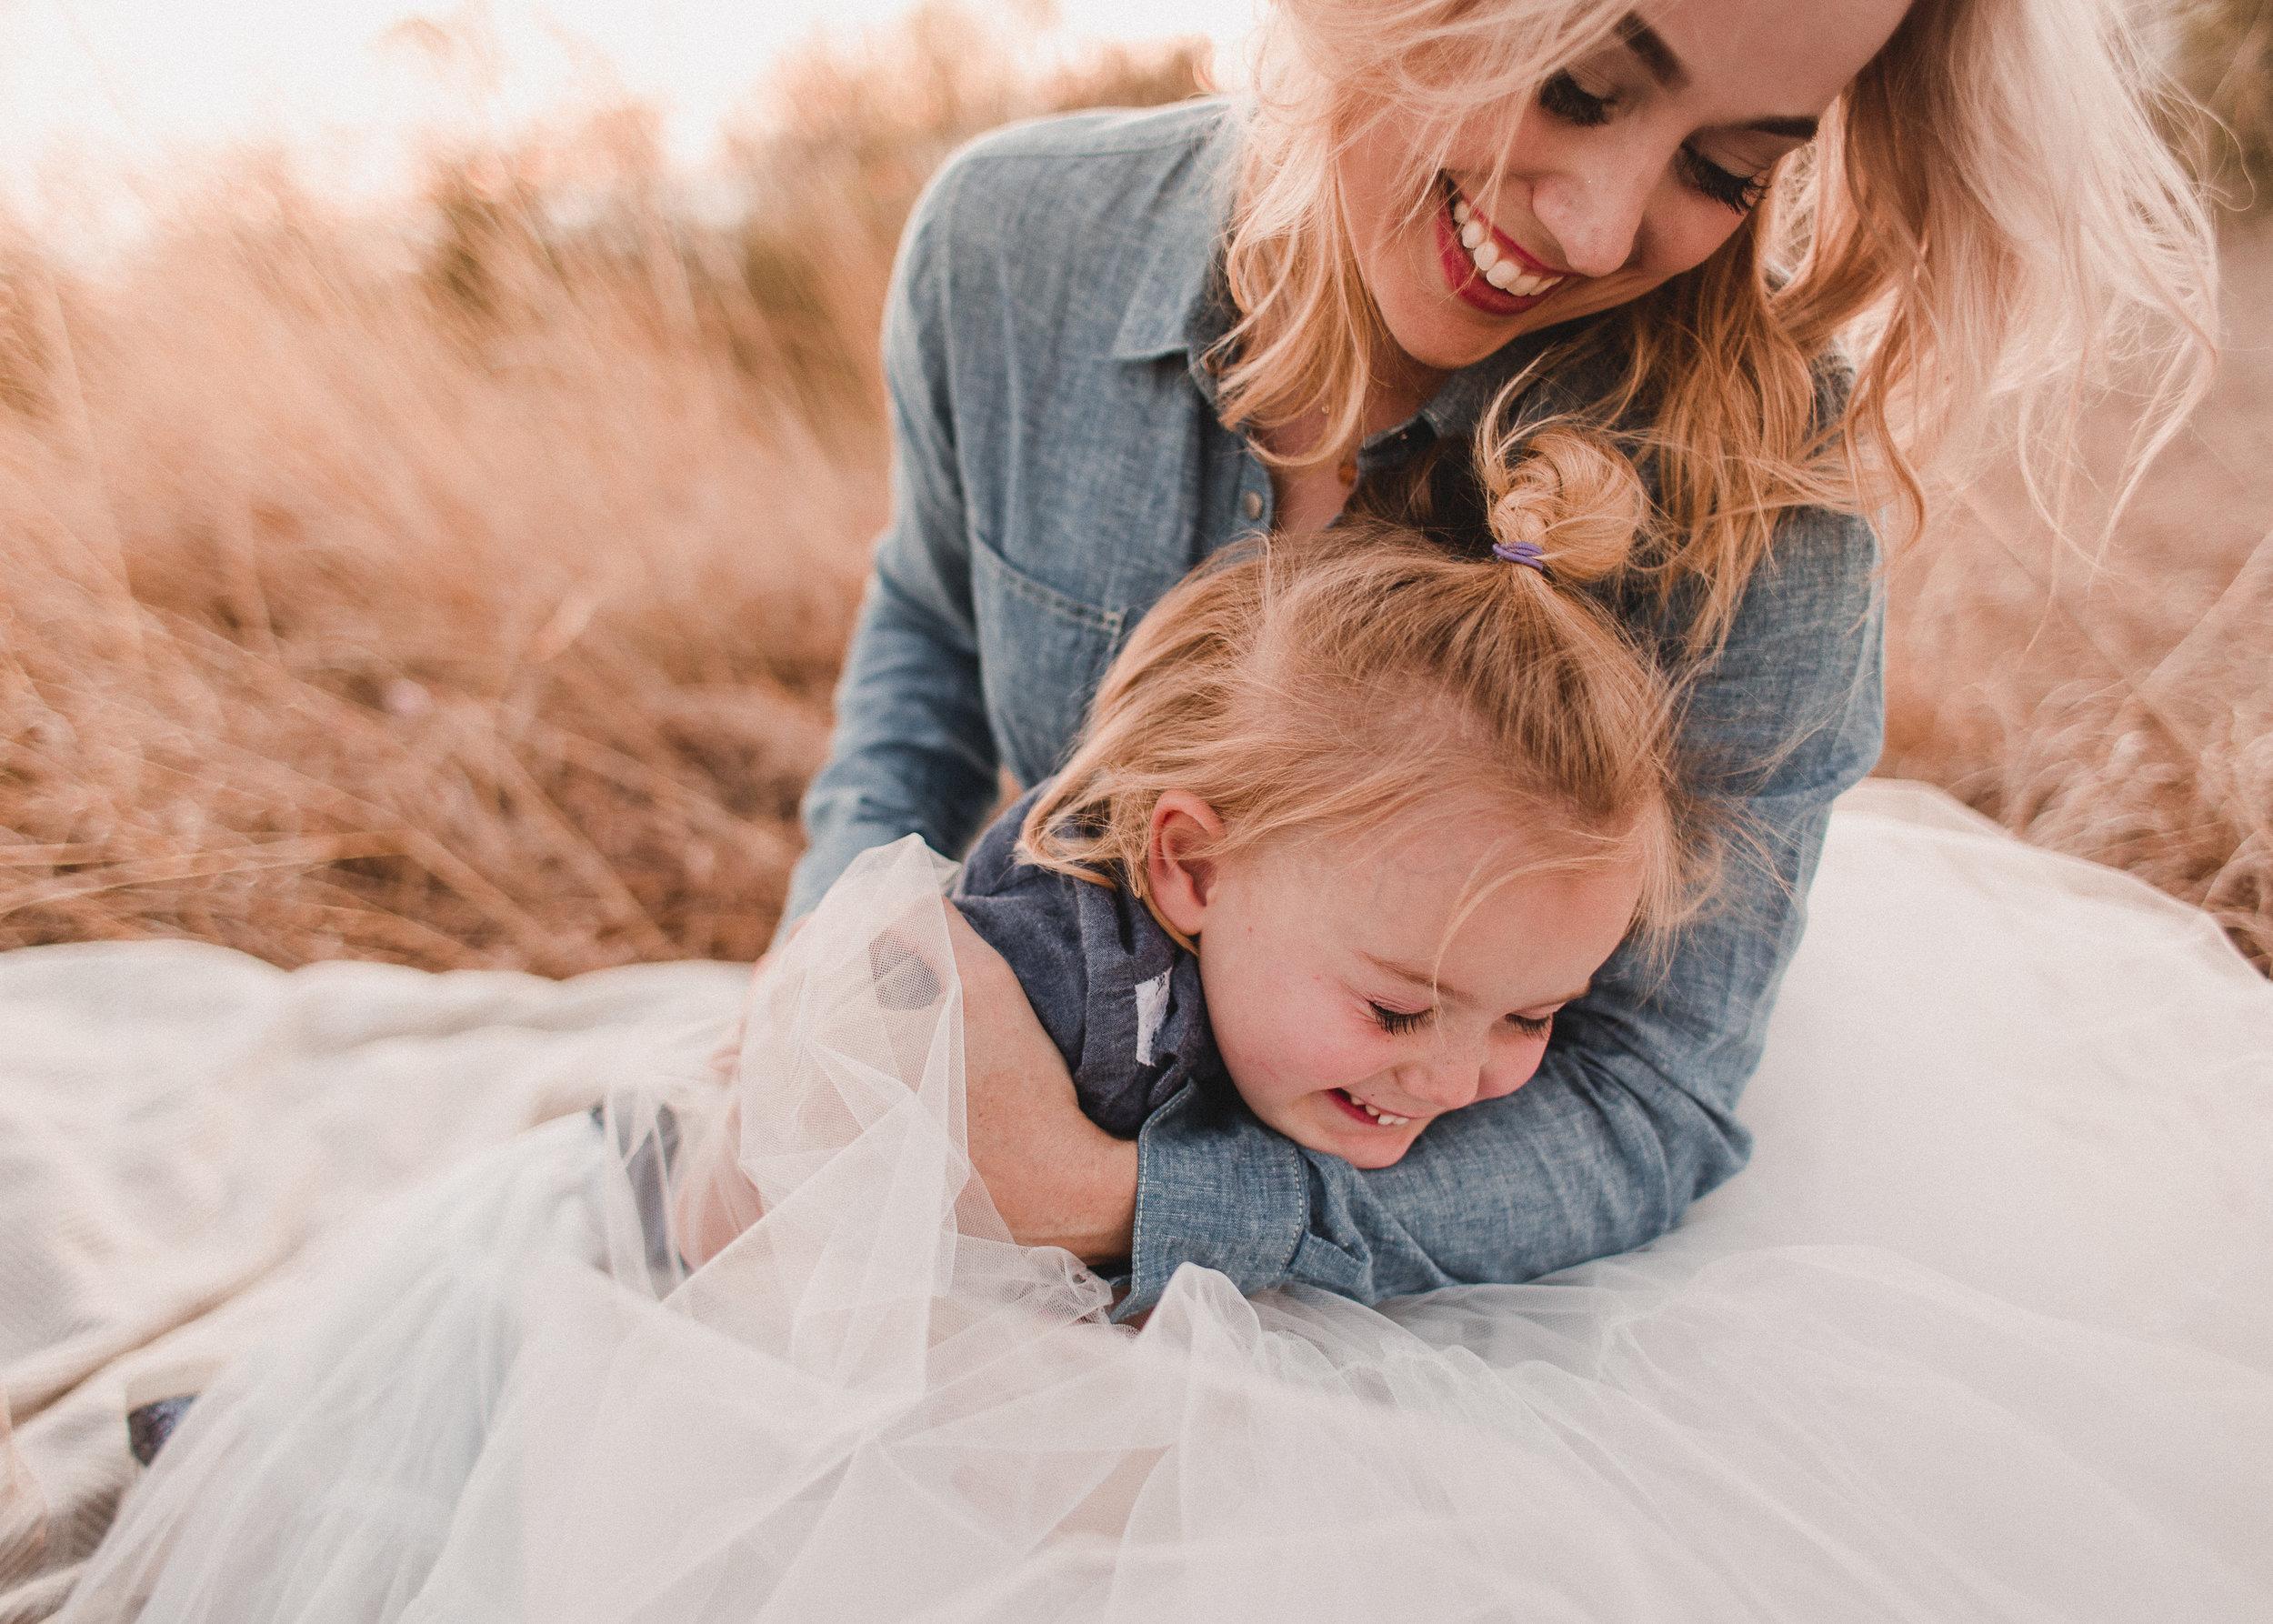 MARY & ELISE / FAMILY